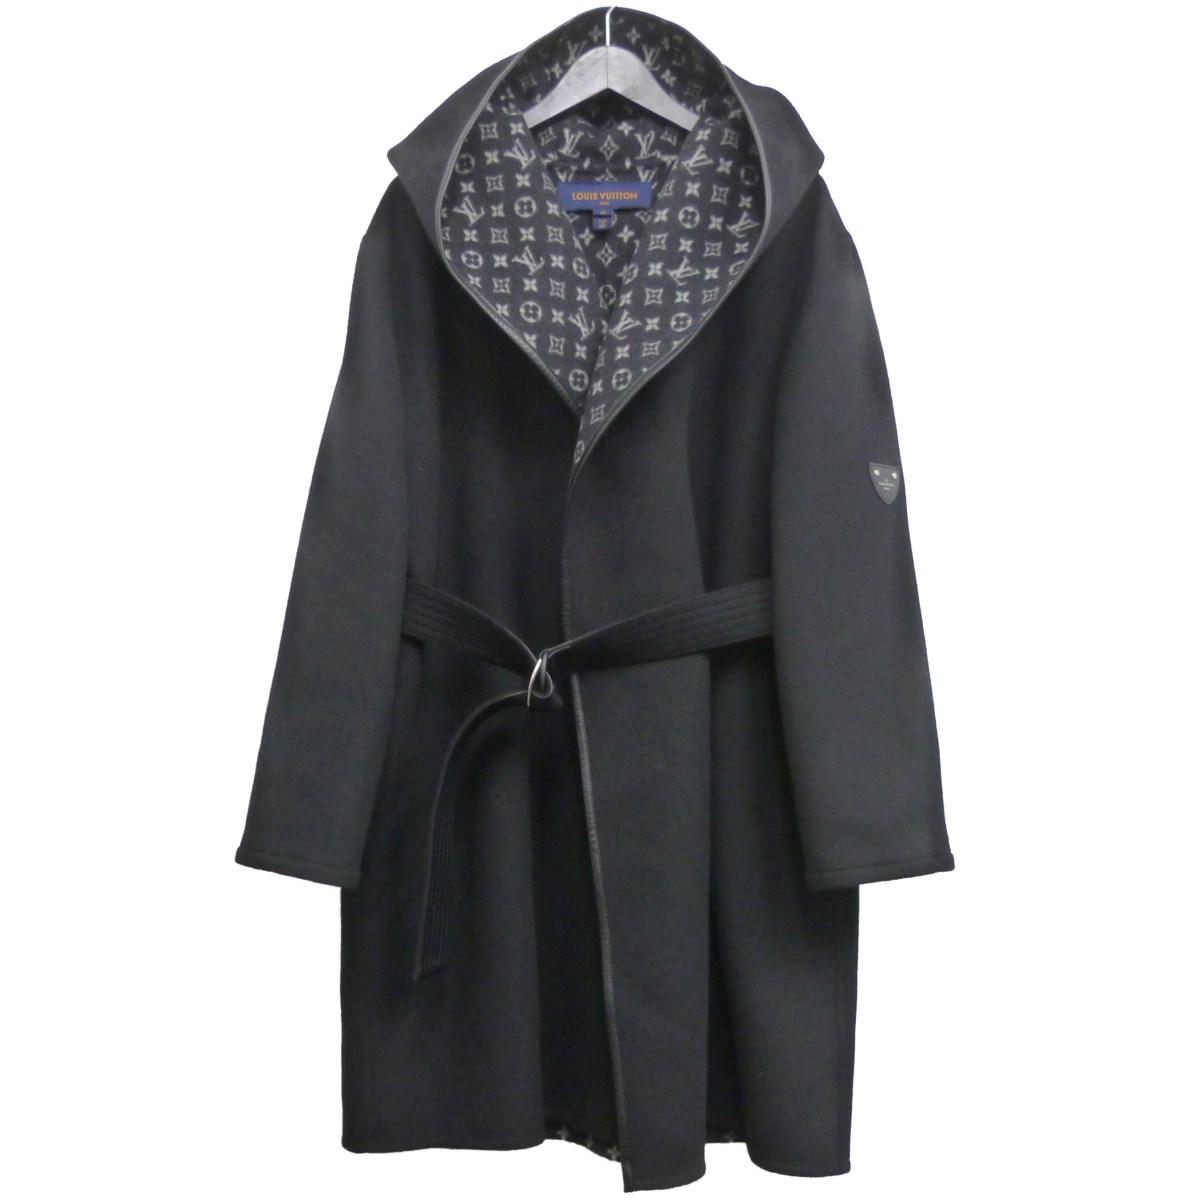 【中古】LOUIS VUITTON '19AW モノグラムフーディラップコート ブラック サイズ:44 【030420】(ルイヴィトン)